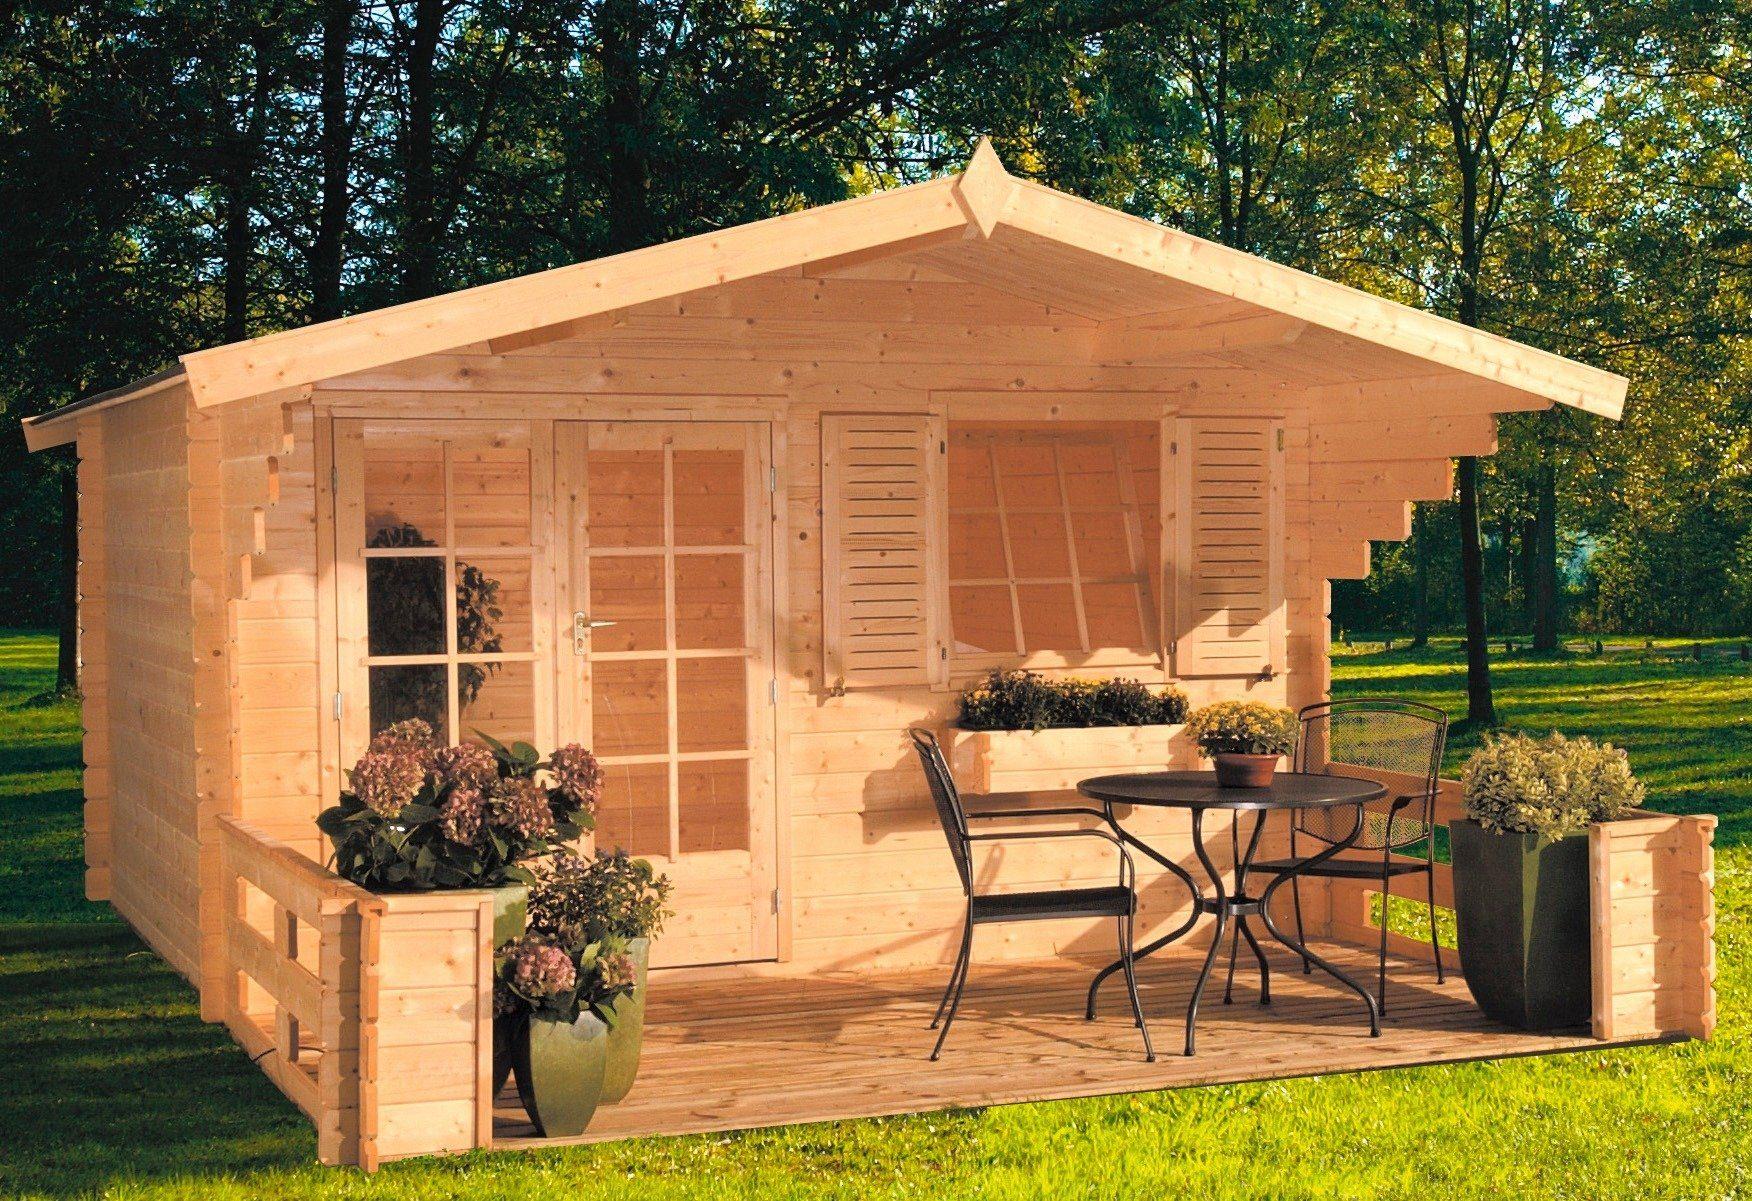 outdoor life products gartenhaus orlando 40 bxt 380x280 cm 40 mm online kaufen otto. Black Bedroom Furniture Sets. Home Design Ideas